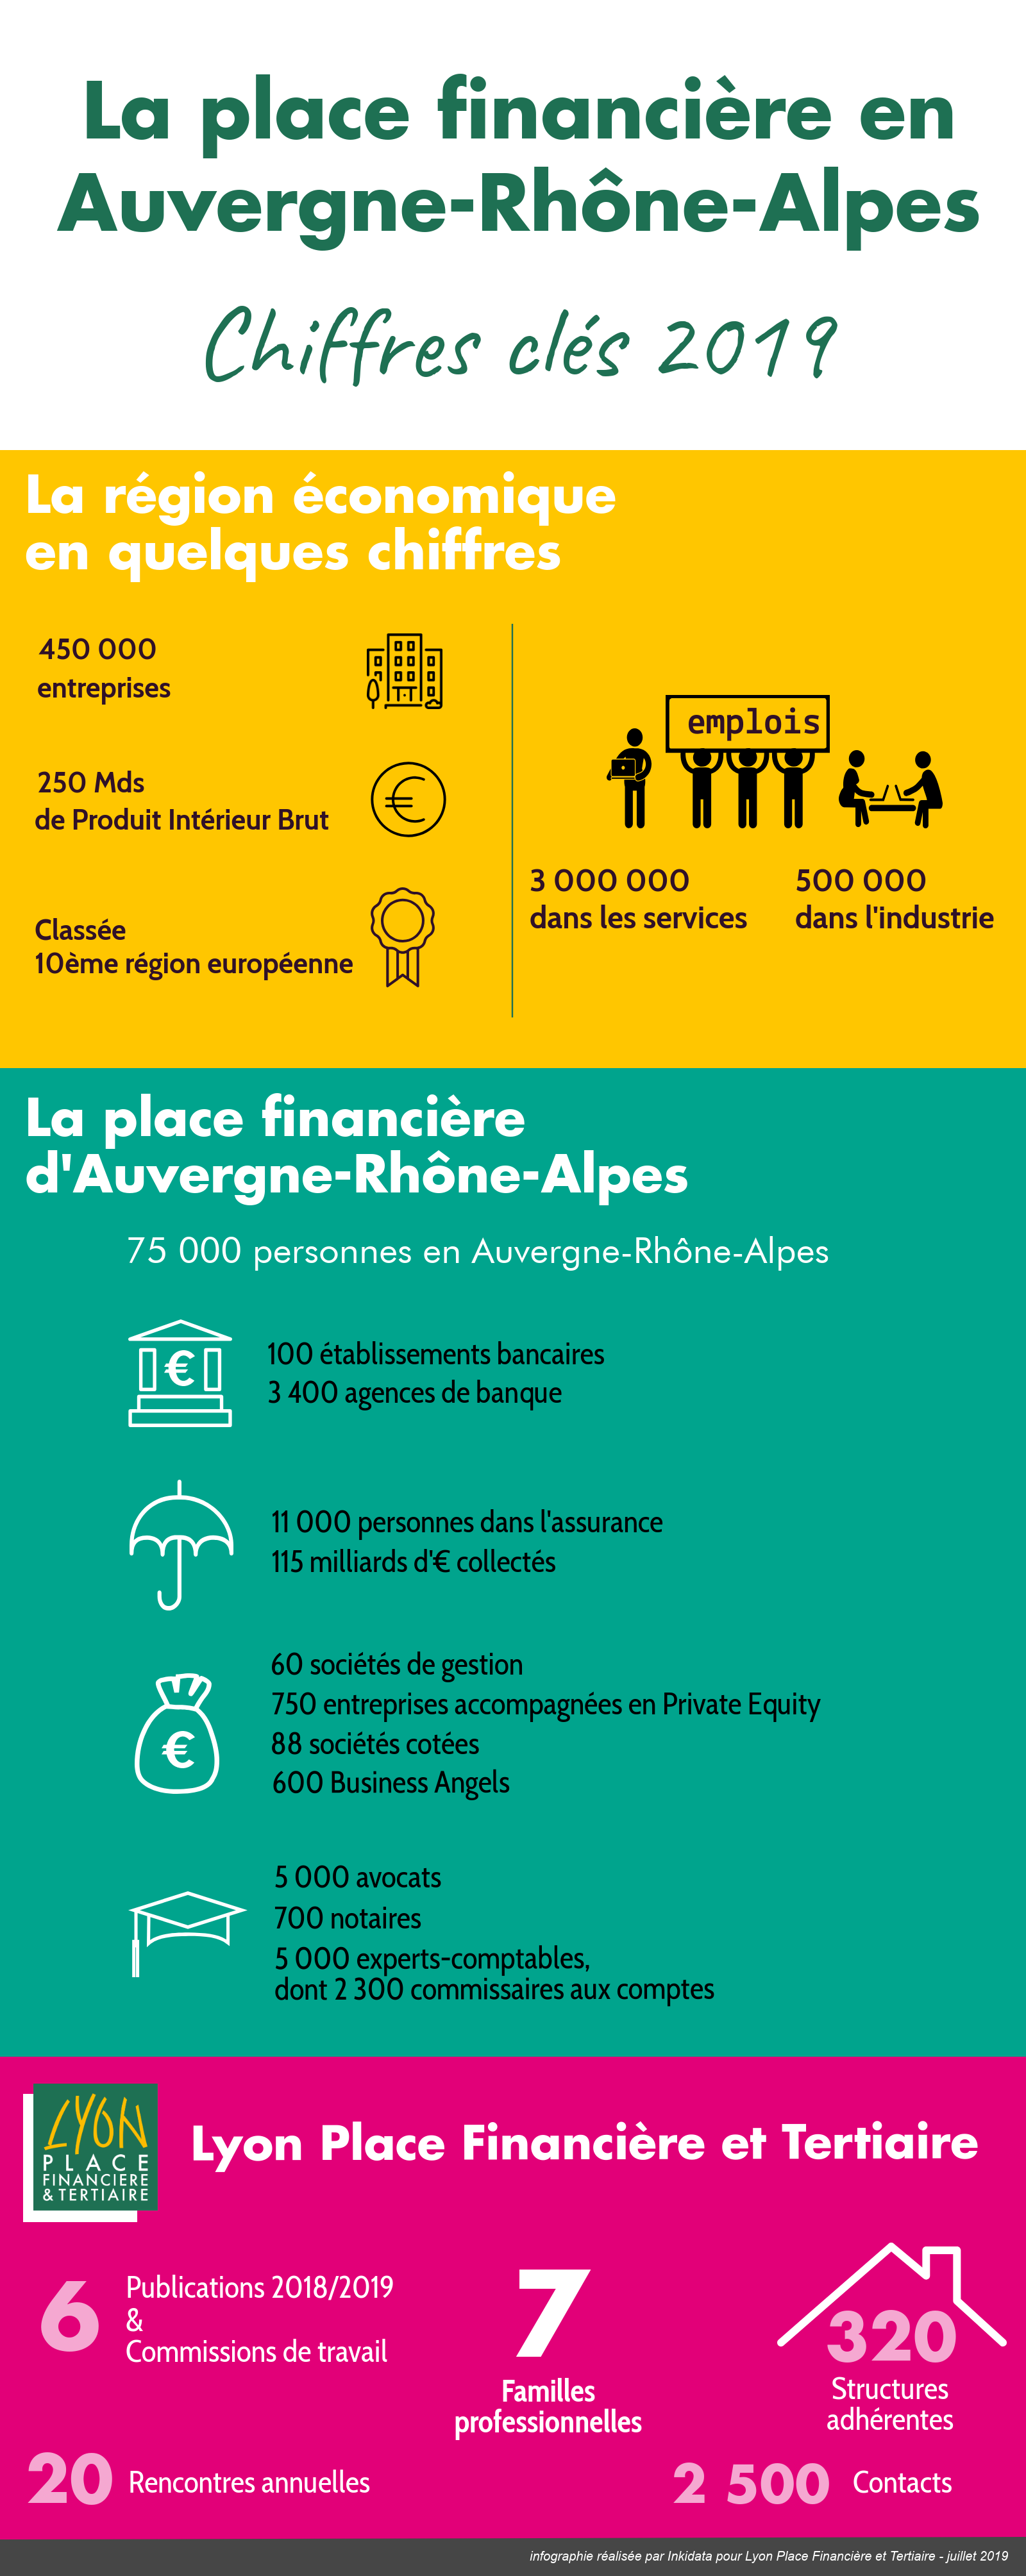 chiffres clés 2019 de la place financière en Auvergne-Rhone-Alpes